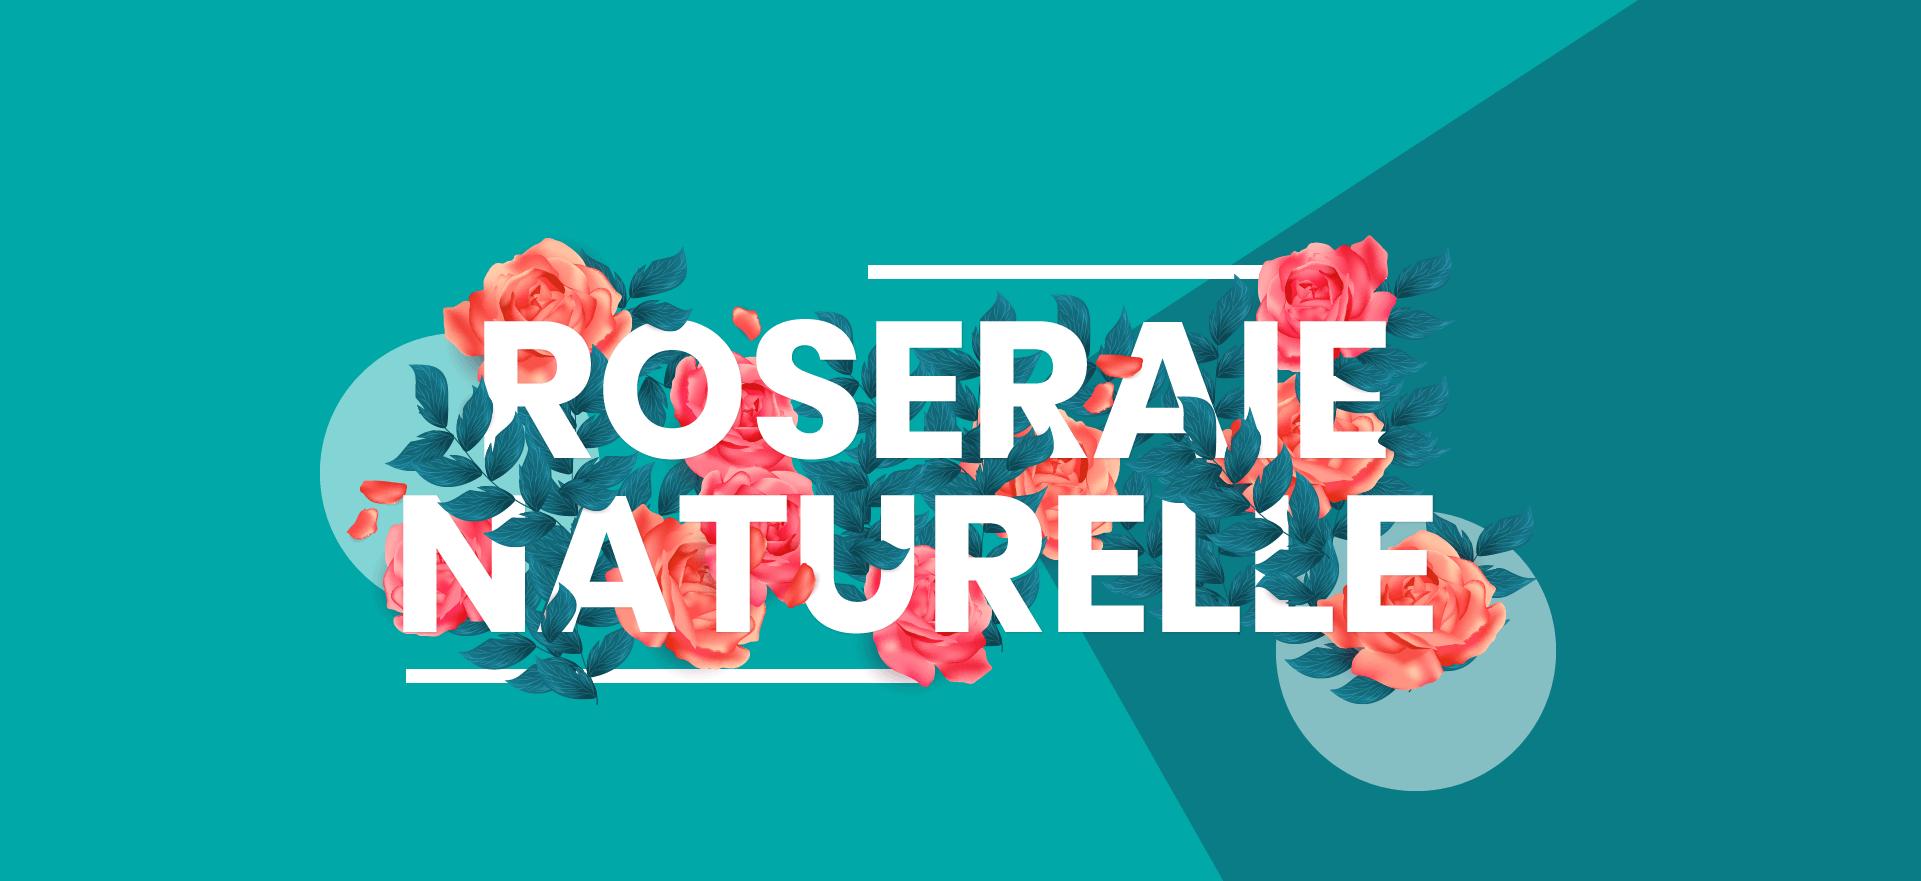 Roseraie naturelle - Les Chemins de la Rose